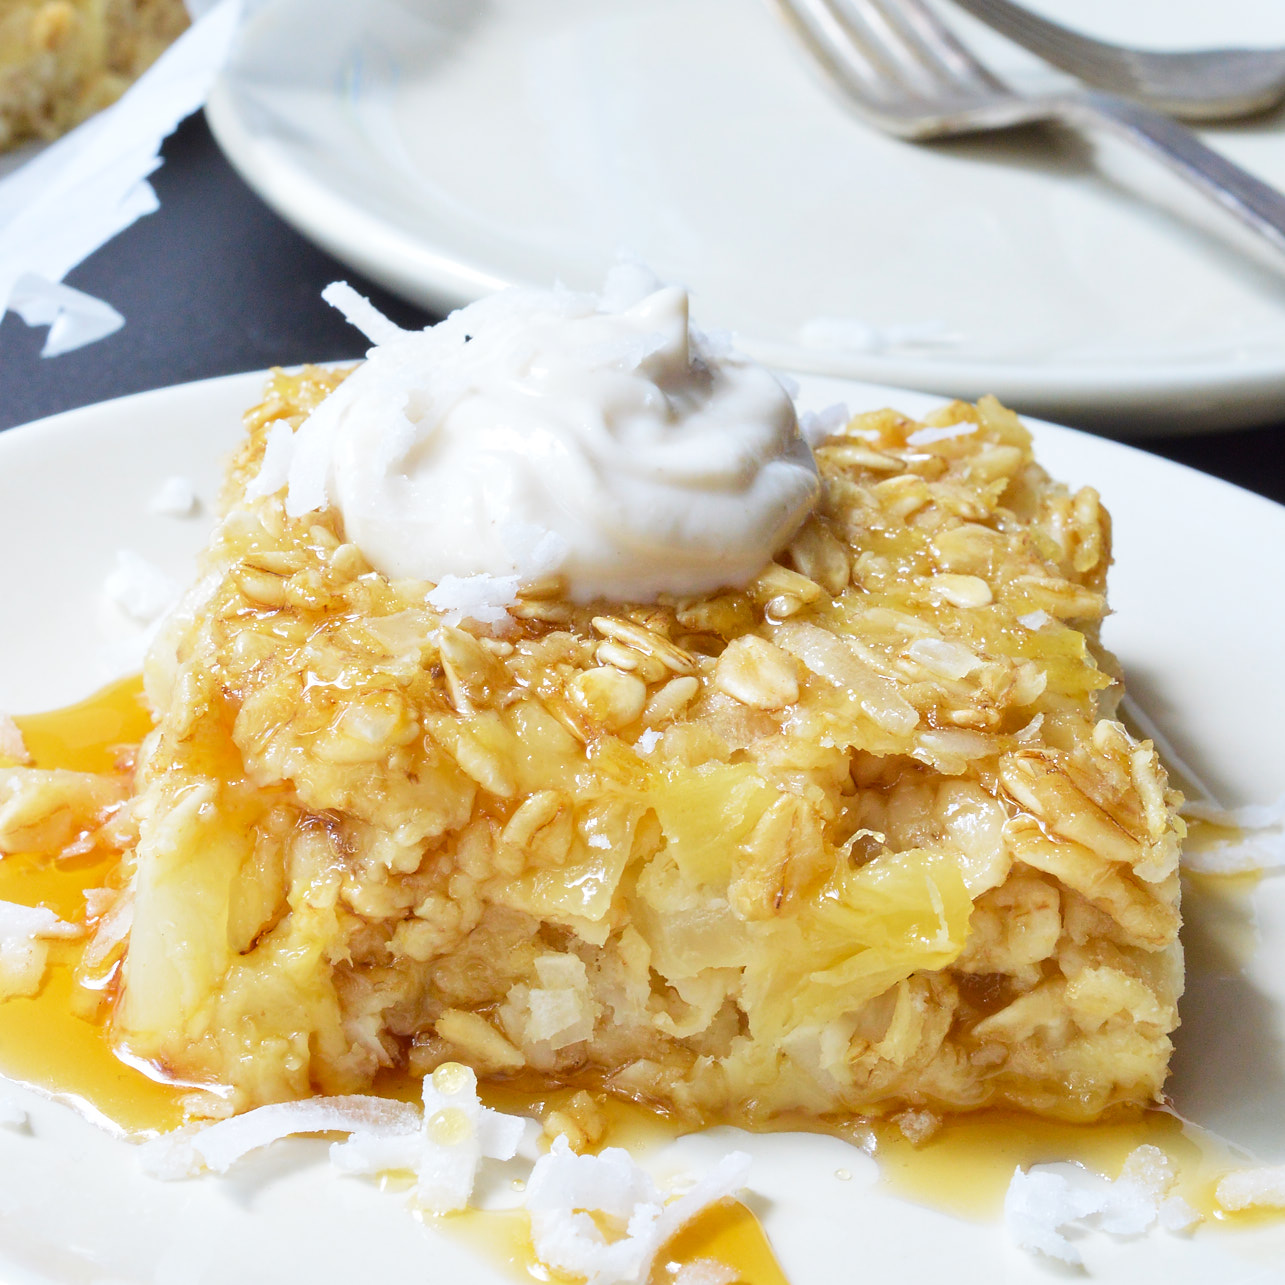 Gluten Free Dairy Free Pineapple Cake